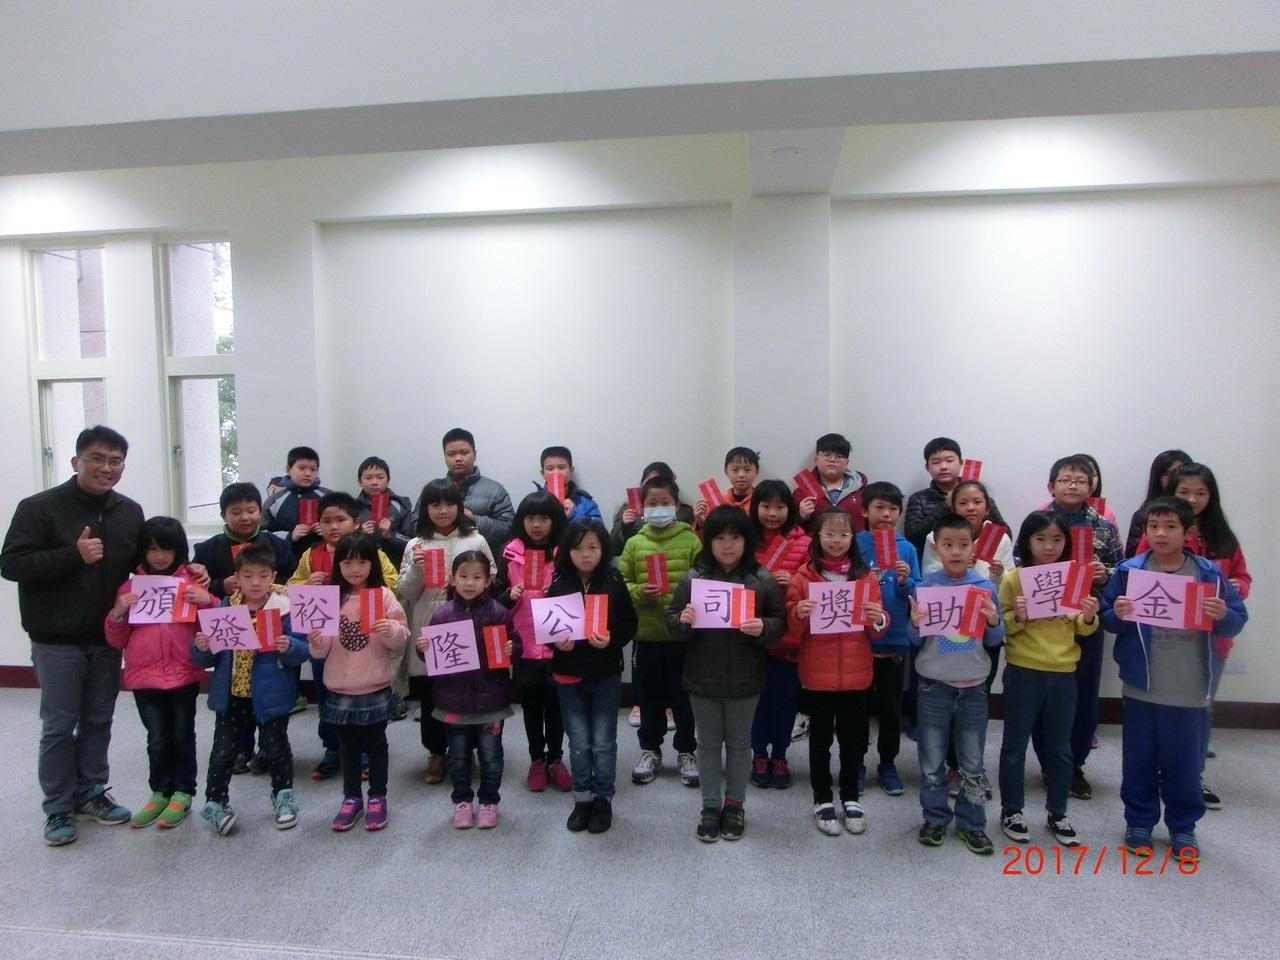 2017 三義國小學童領取裕隆三義獎助獎學金。